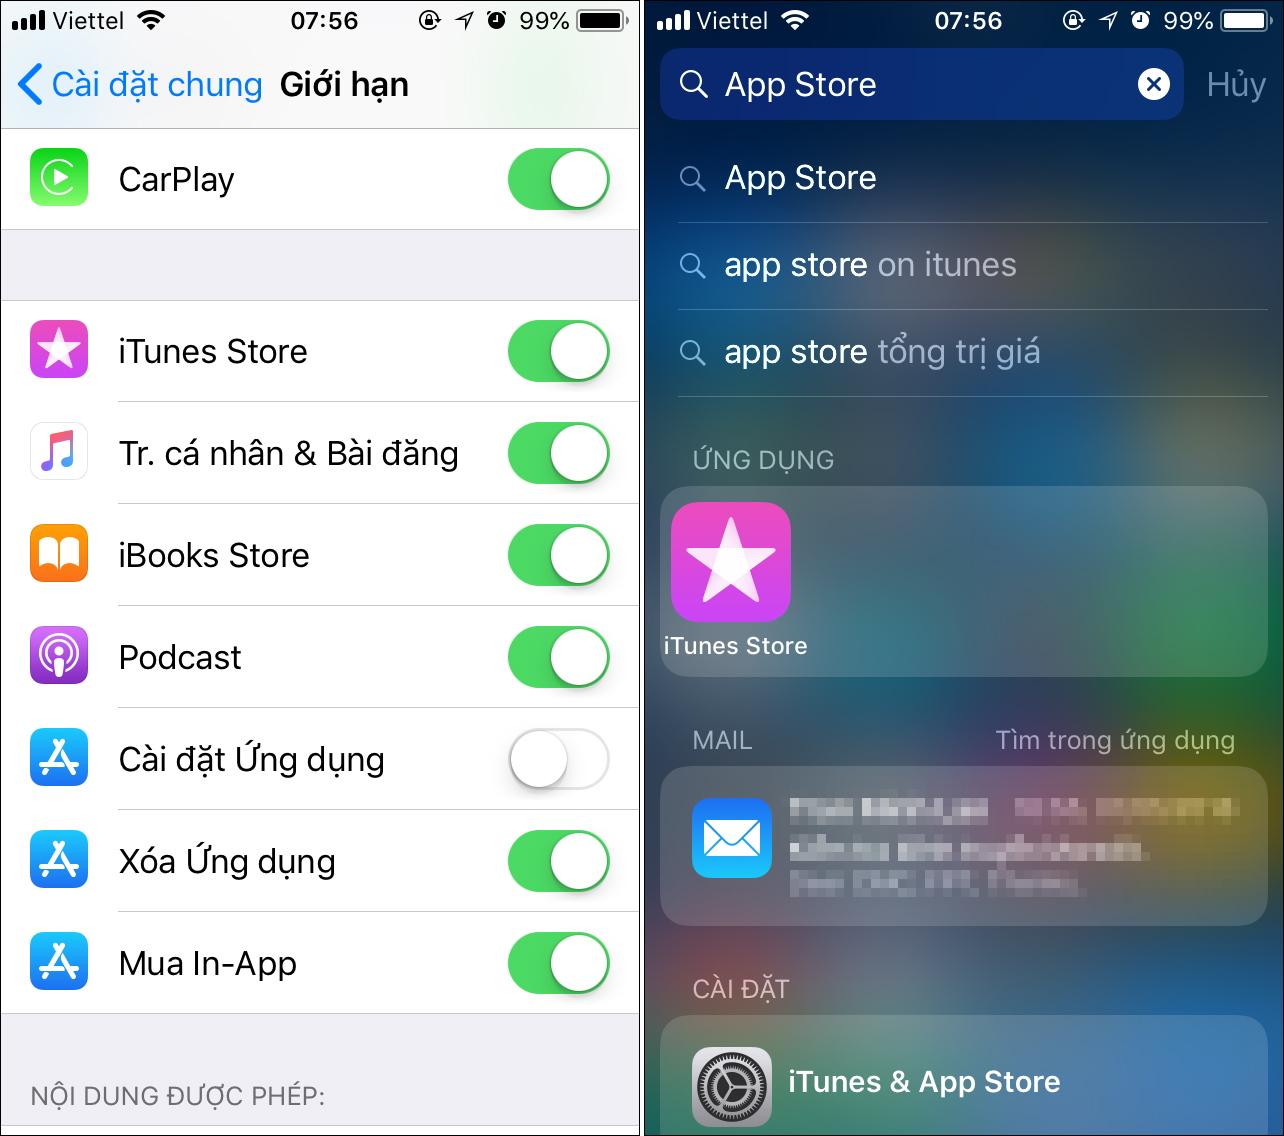 Cách cấm trẻ em cài đặt hoặc xóa ứng dụng trên iPhone, iPad - 230543